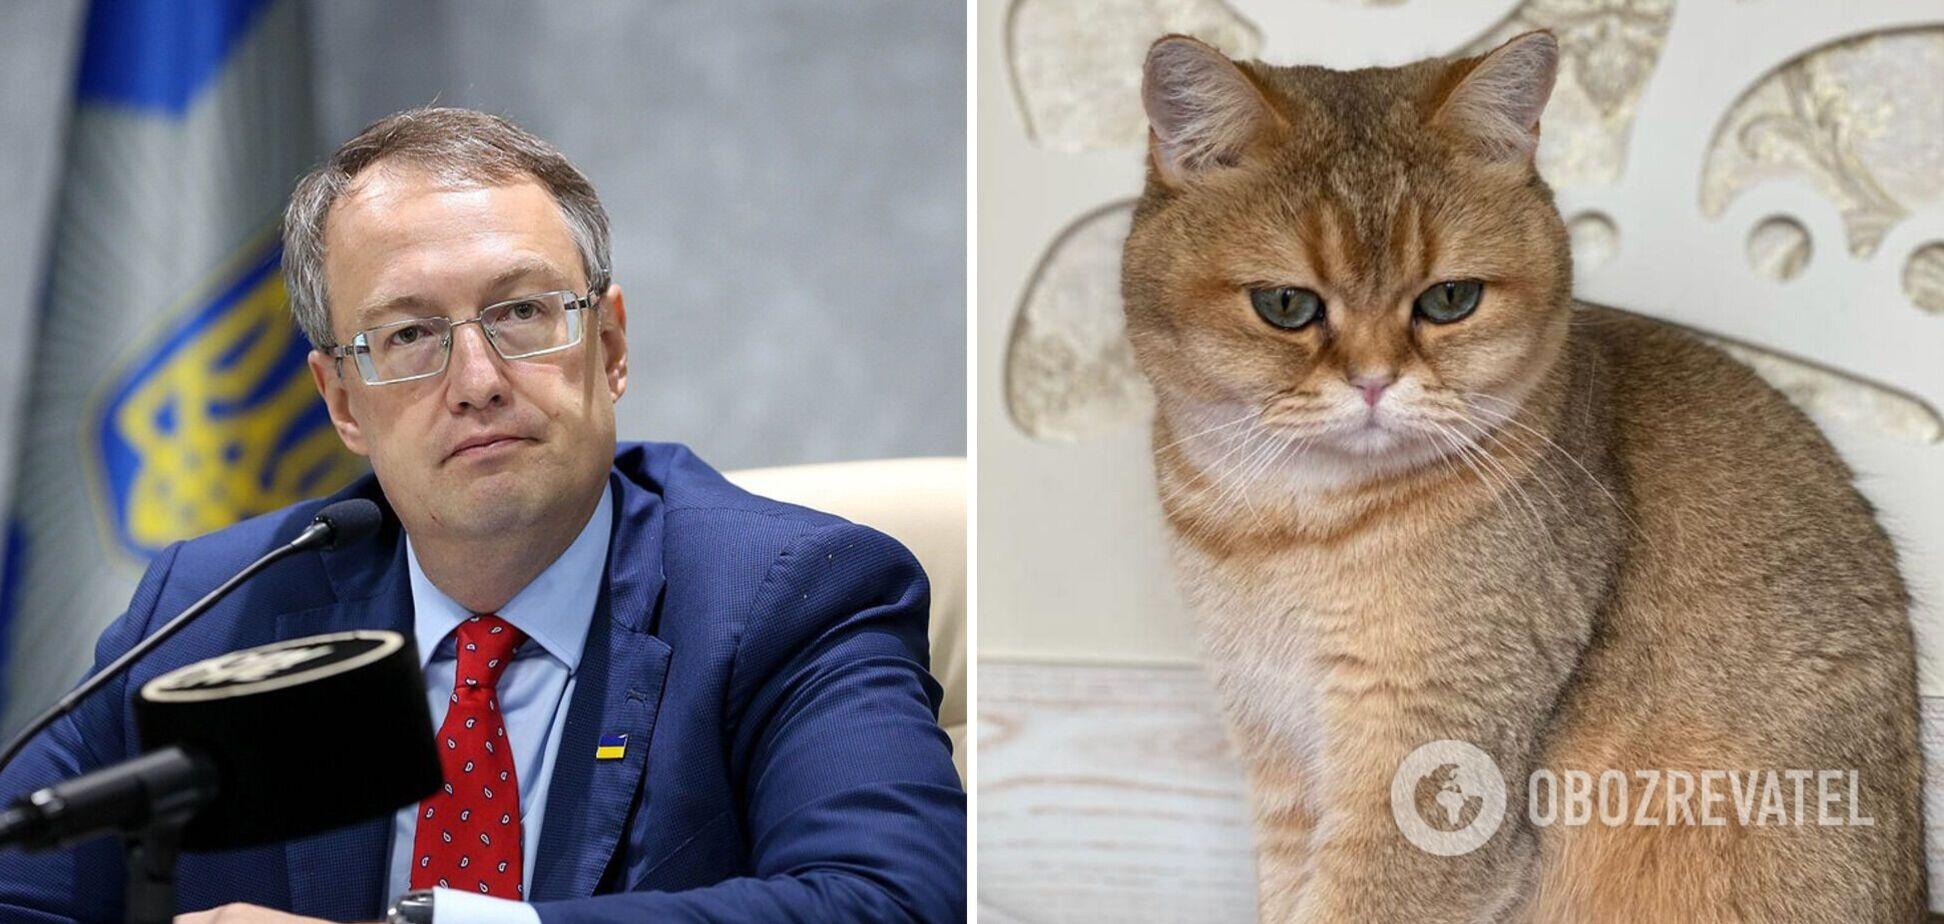 Геращенко показал своего кота, который стал звездой эфира на ТВ. Фото